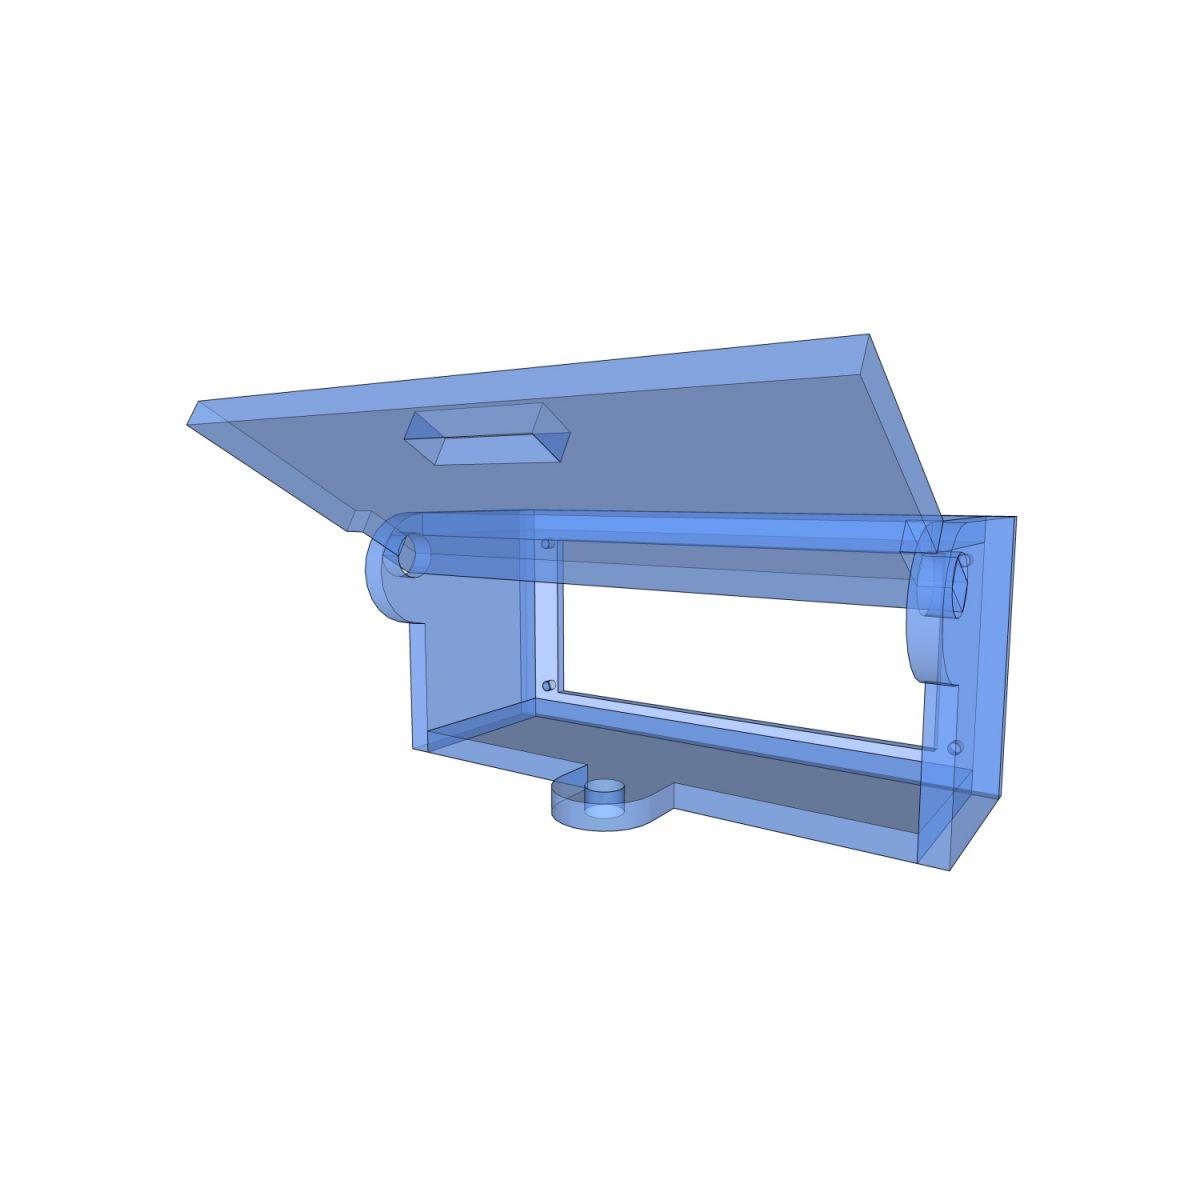 Postes de cadenassage en polycarbonate | BLC-BOR-OUV11 2